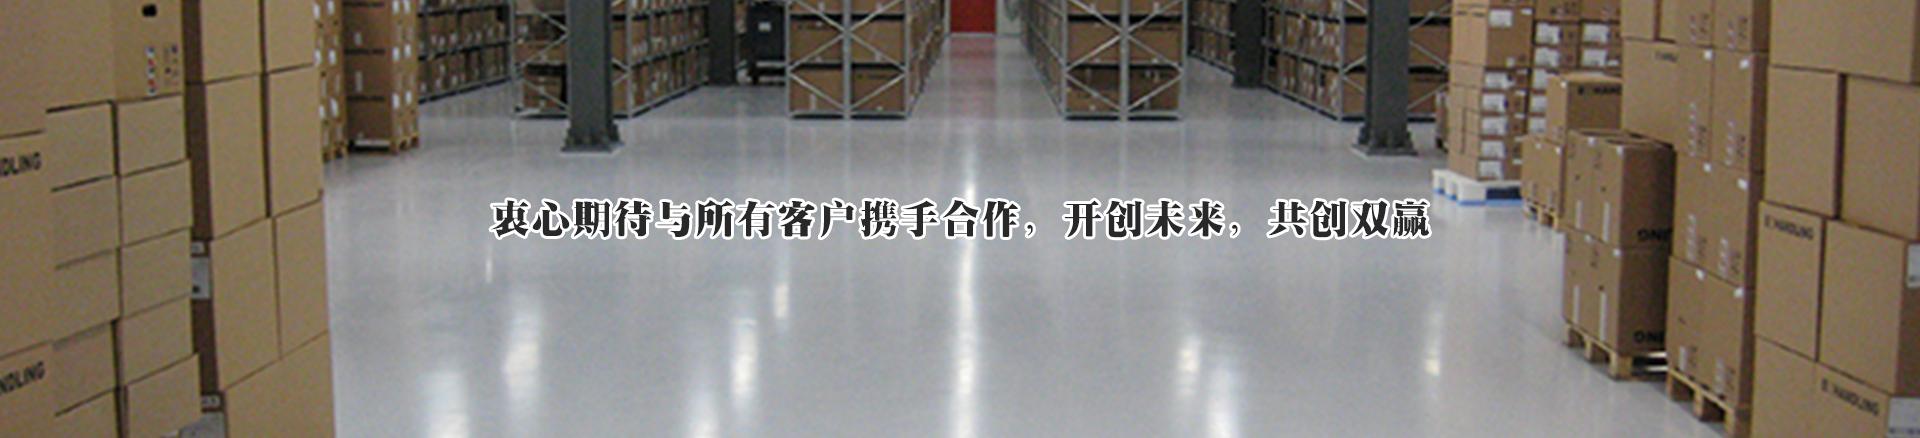 山西陽泉百盛達建材科技有限公司